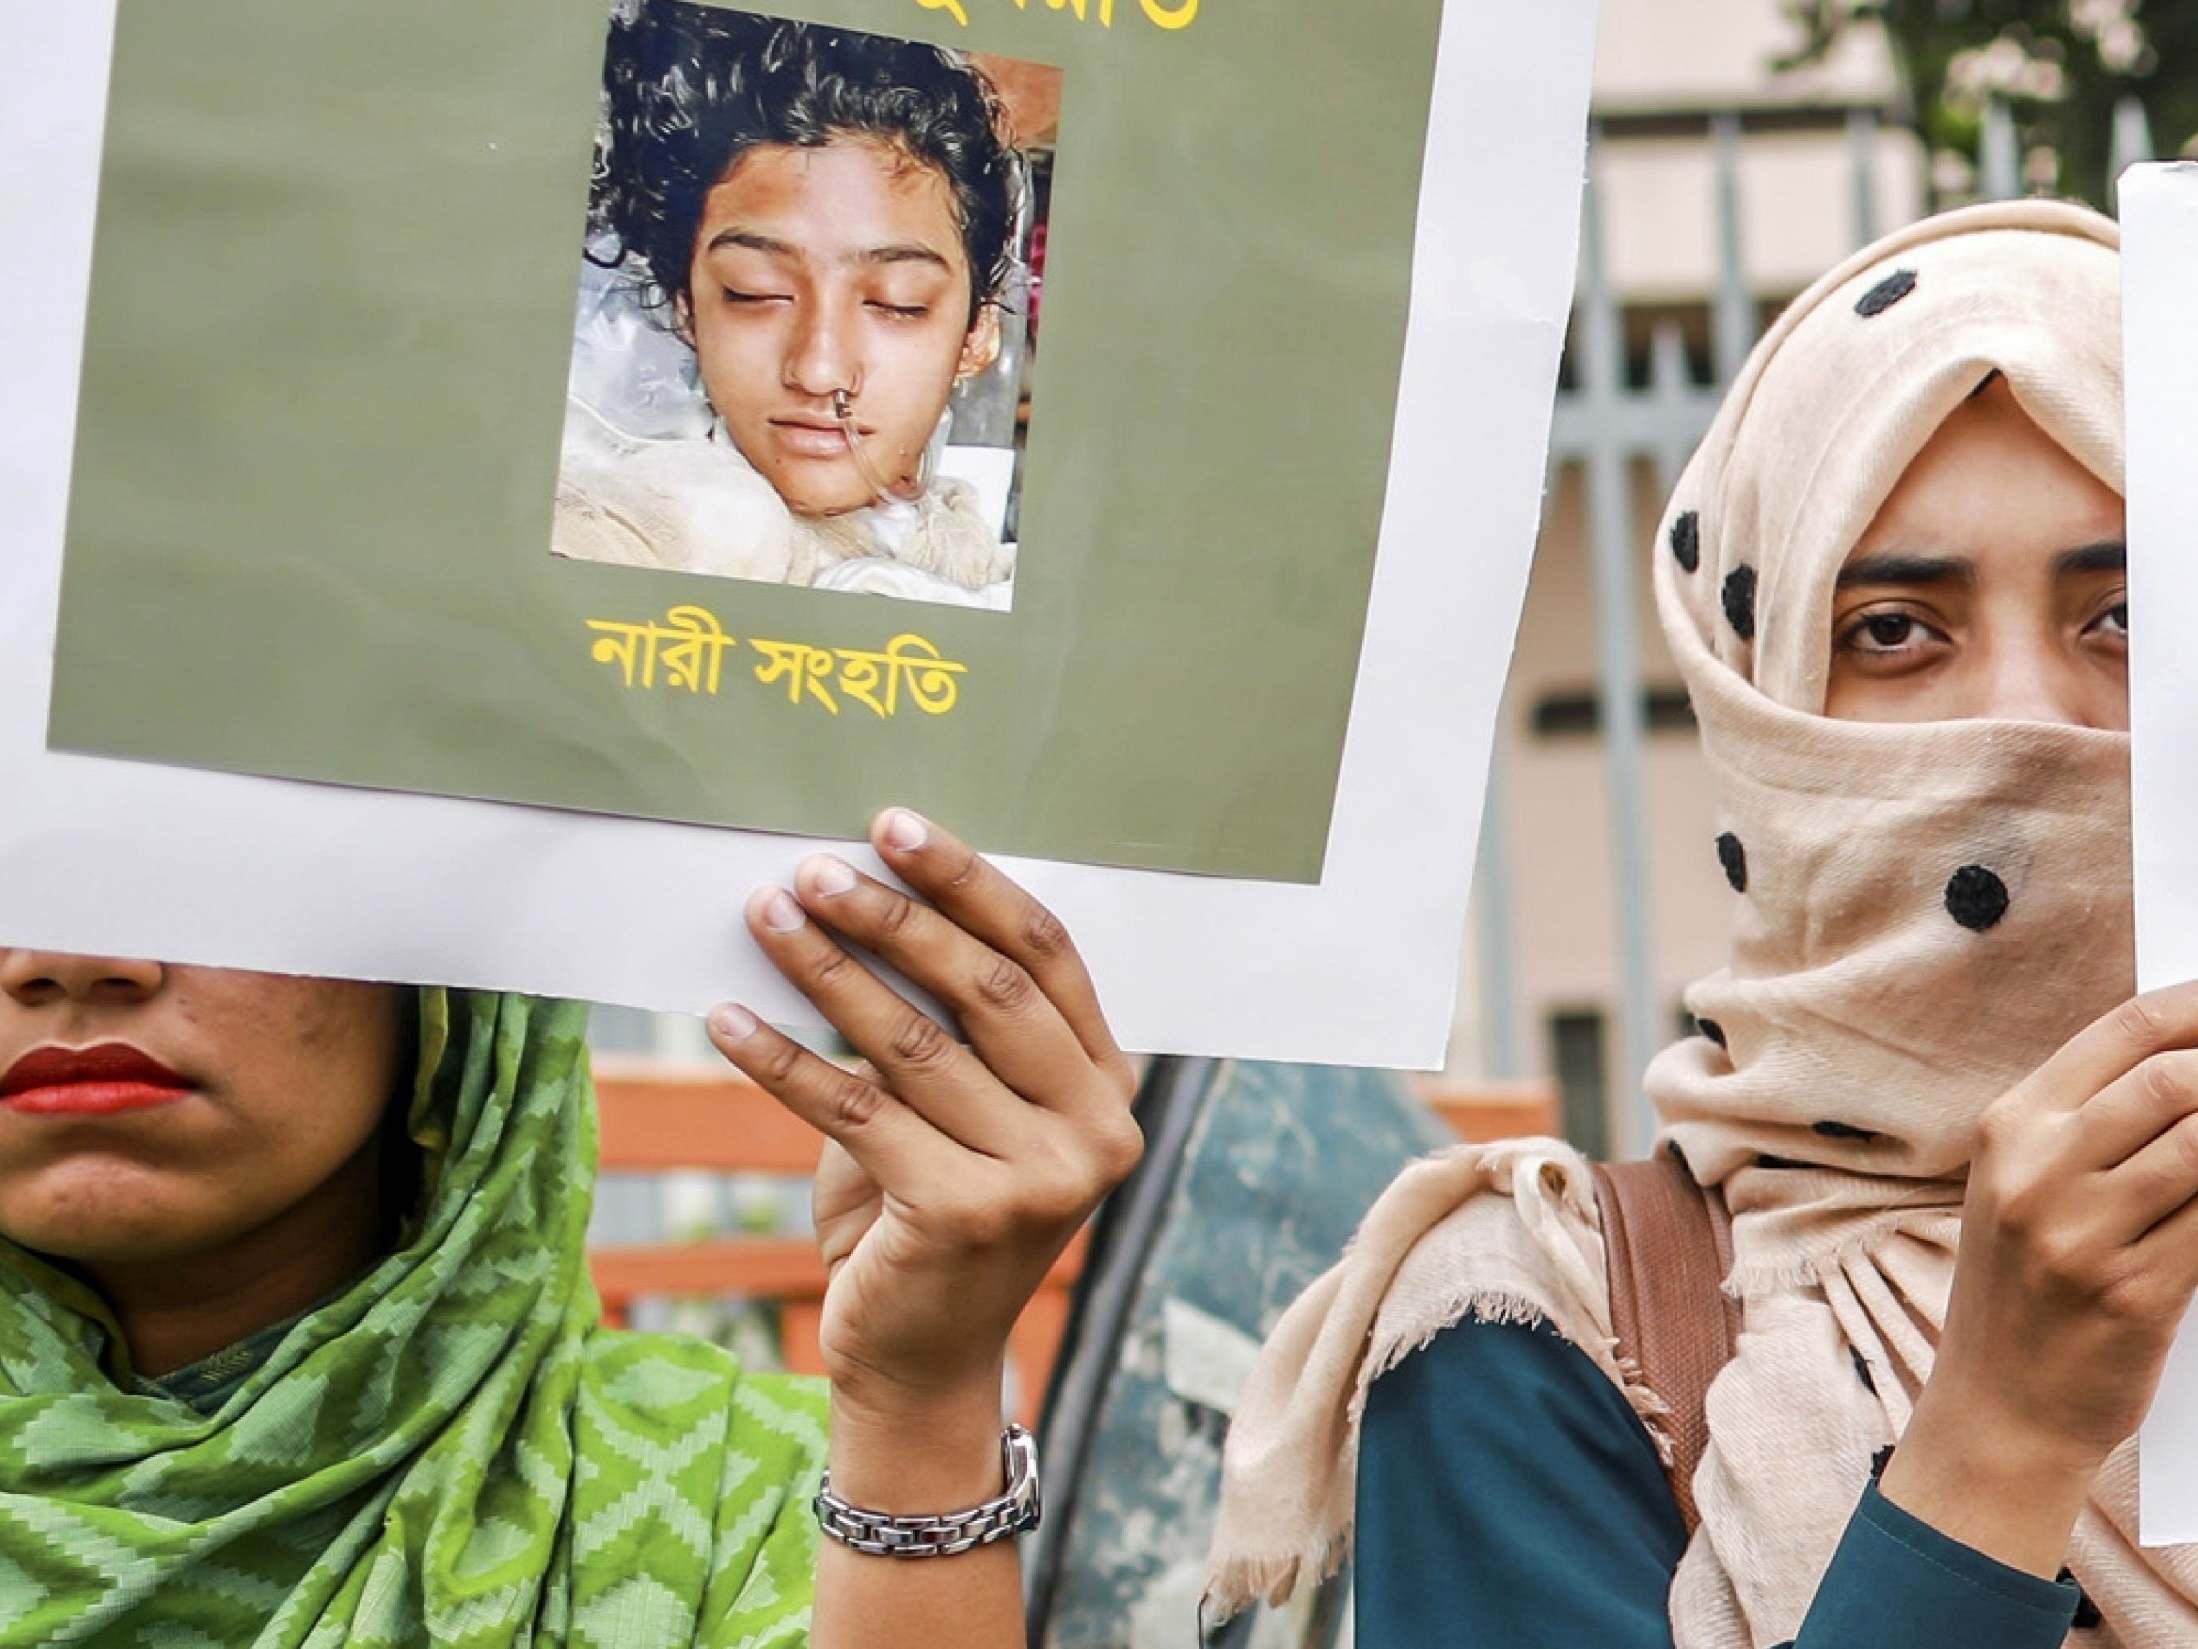 Nusrat Jahan Rafi 16 Sentenced To Death For Burning Bangladeshi